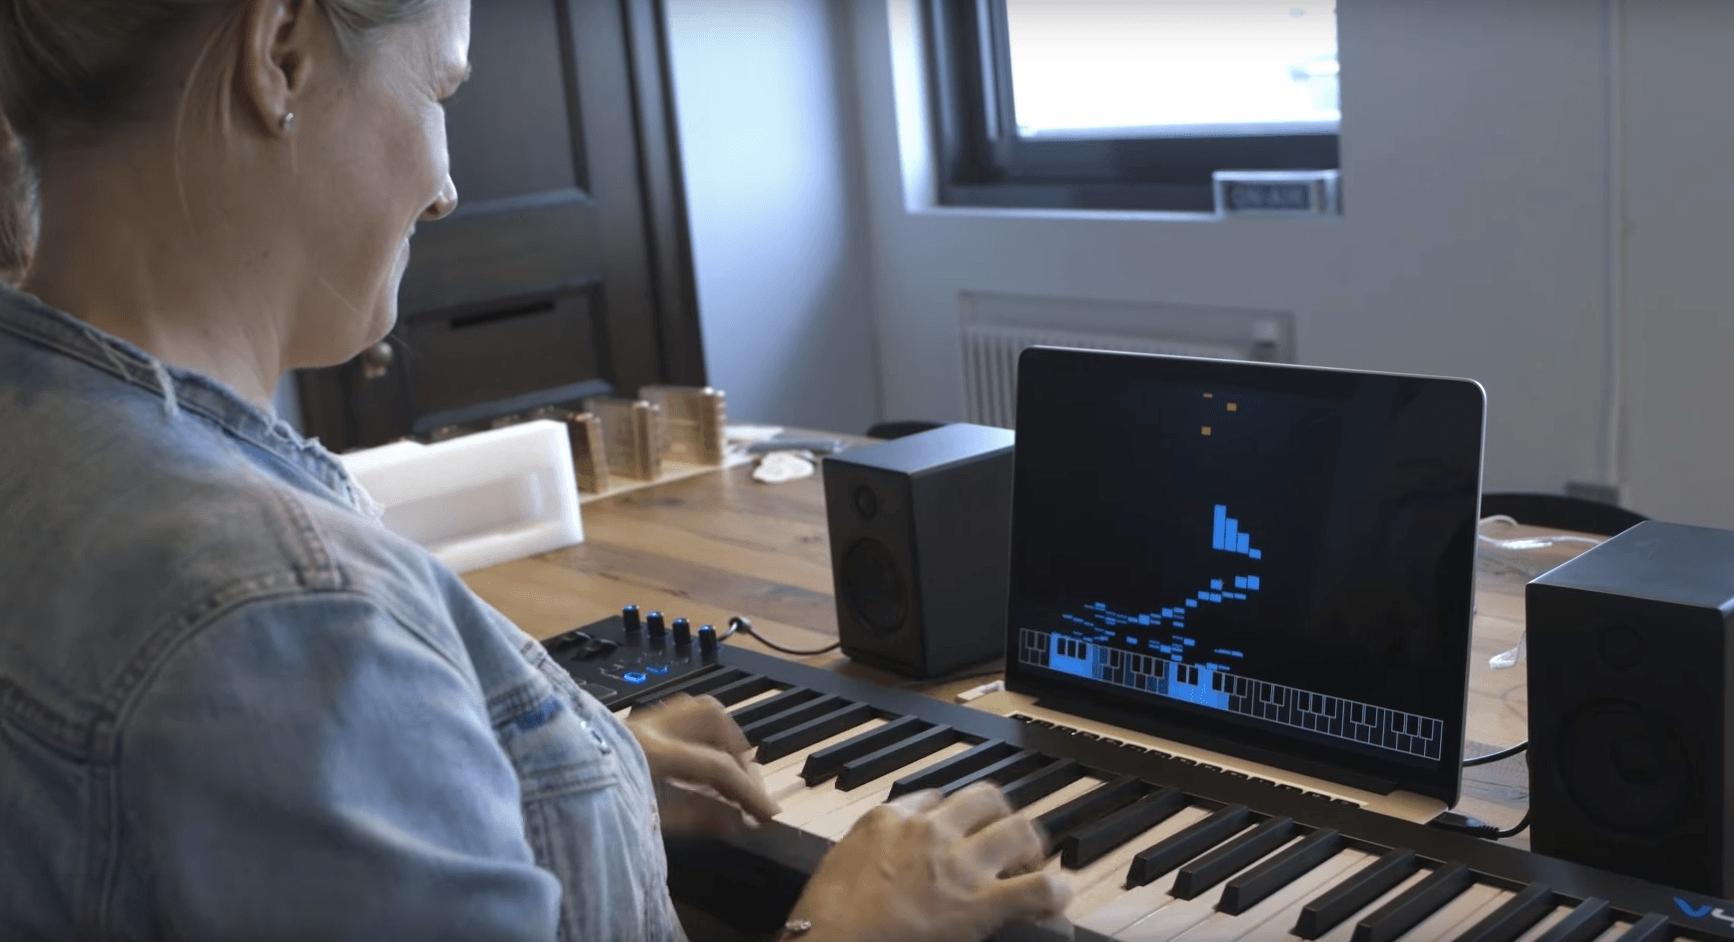 Jouez au piano avec AI Duet, l'intelligence artificielle de Google